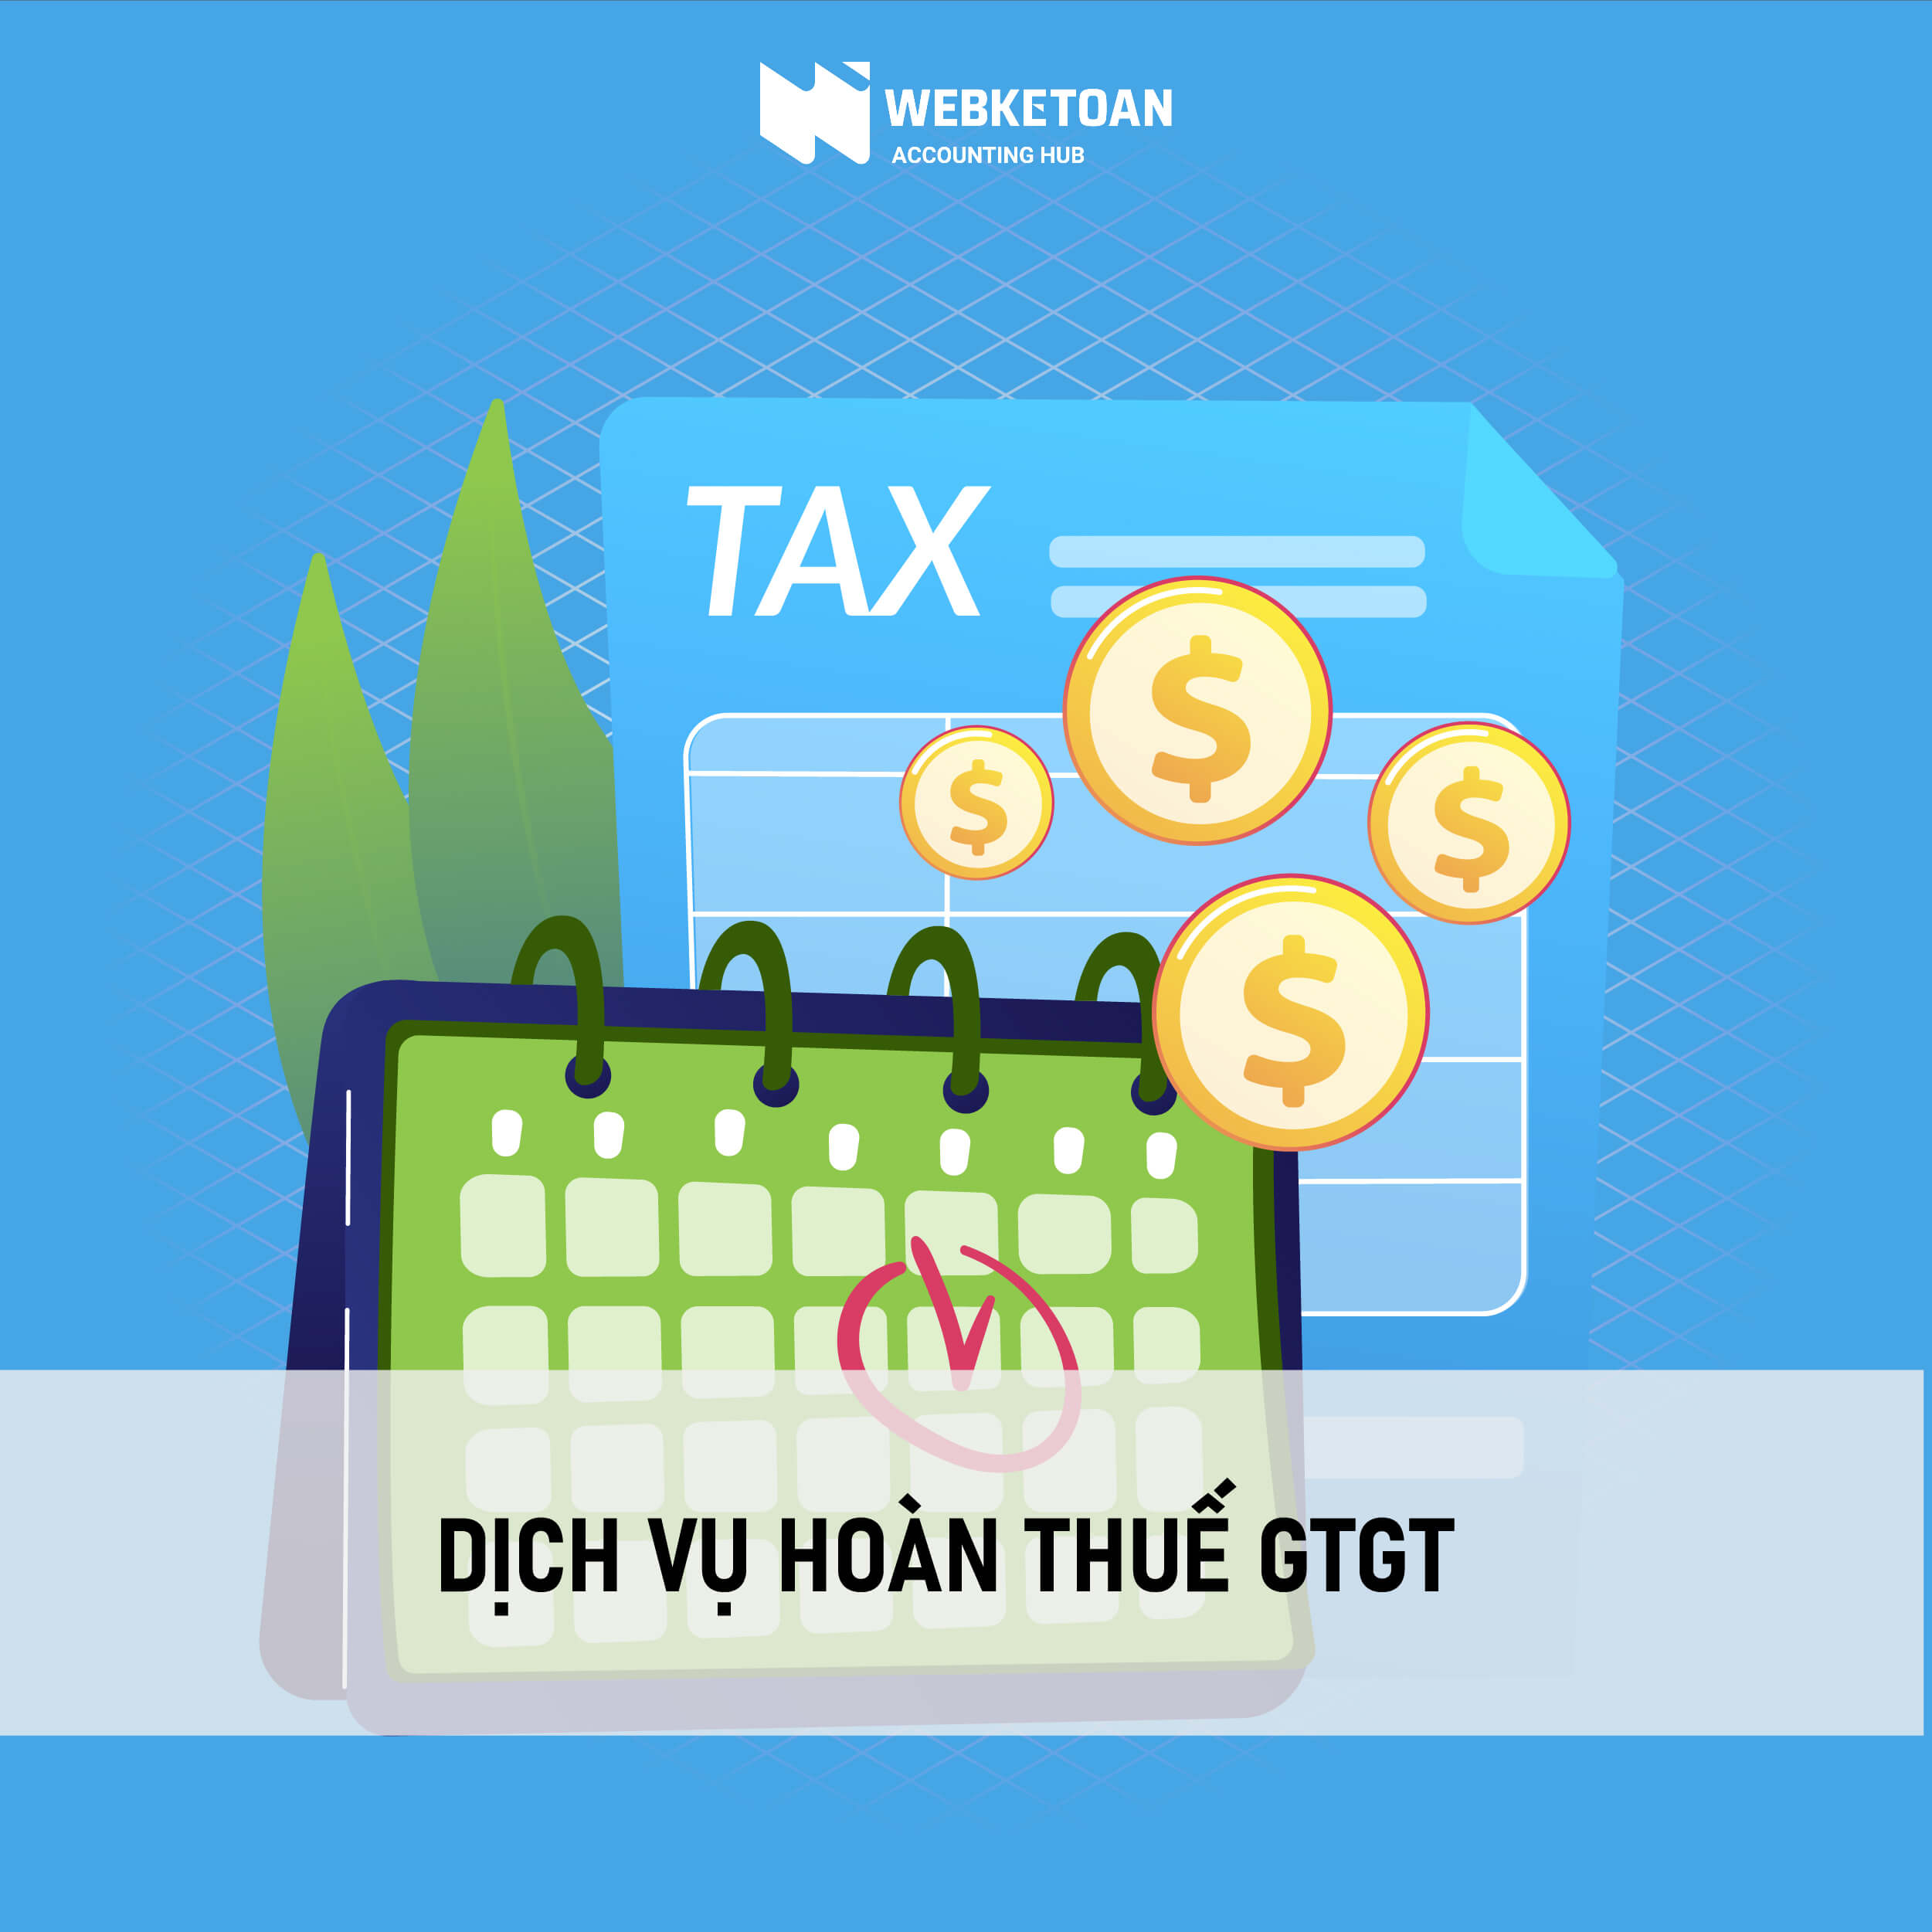 Dịch vụ hoàn thuế GTGT - Giá trị gia tăng